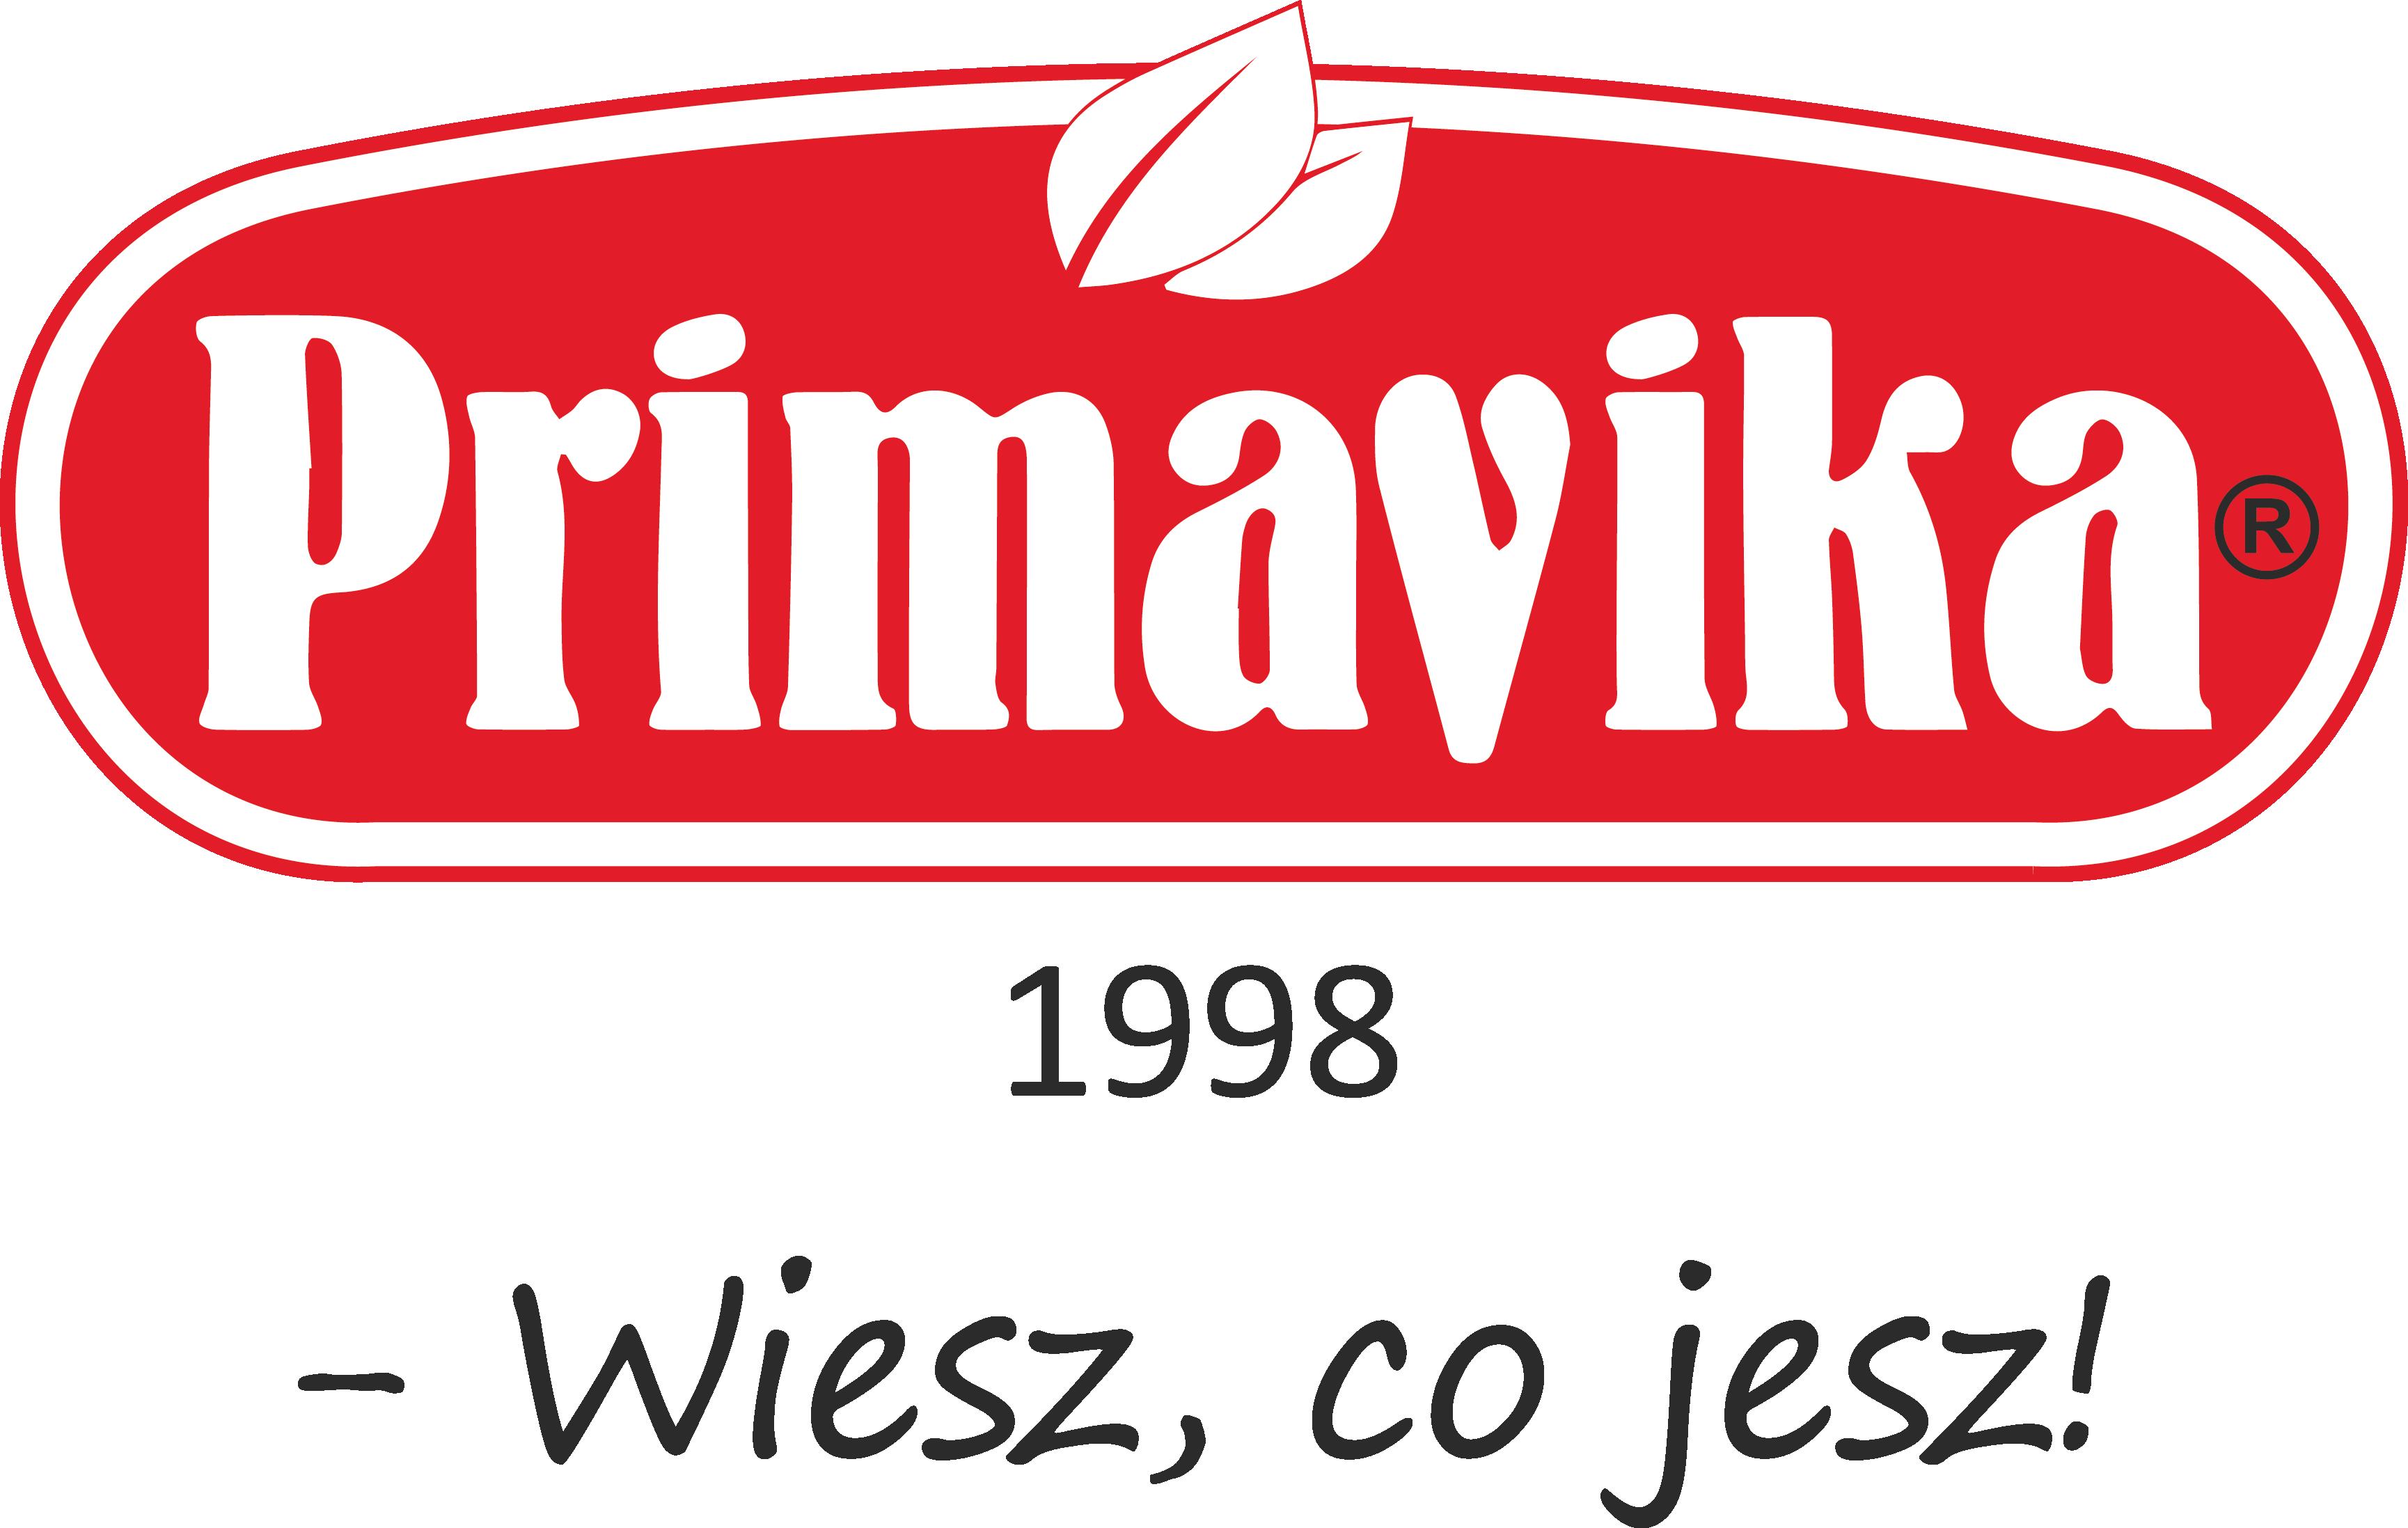 Primavika - Wiesz co jesz